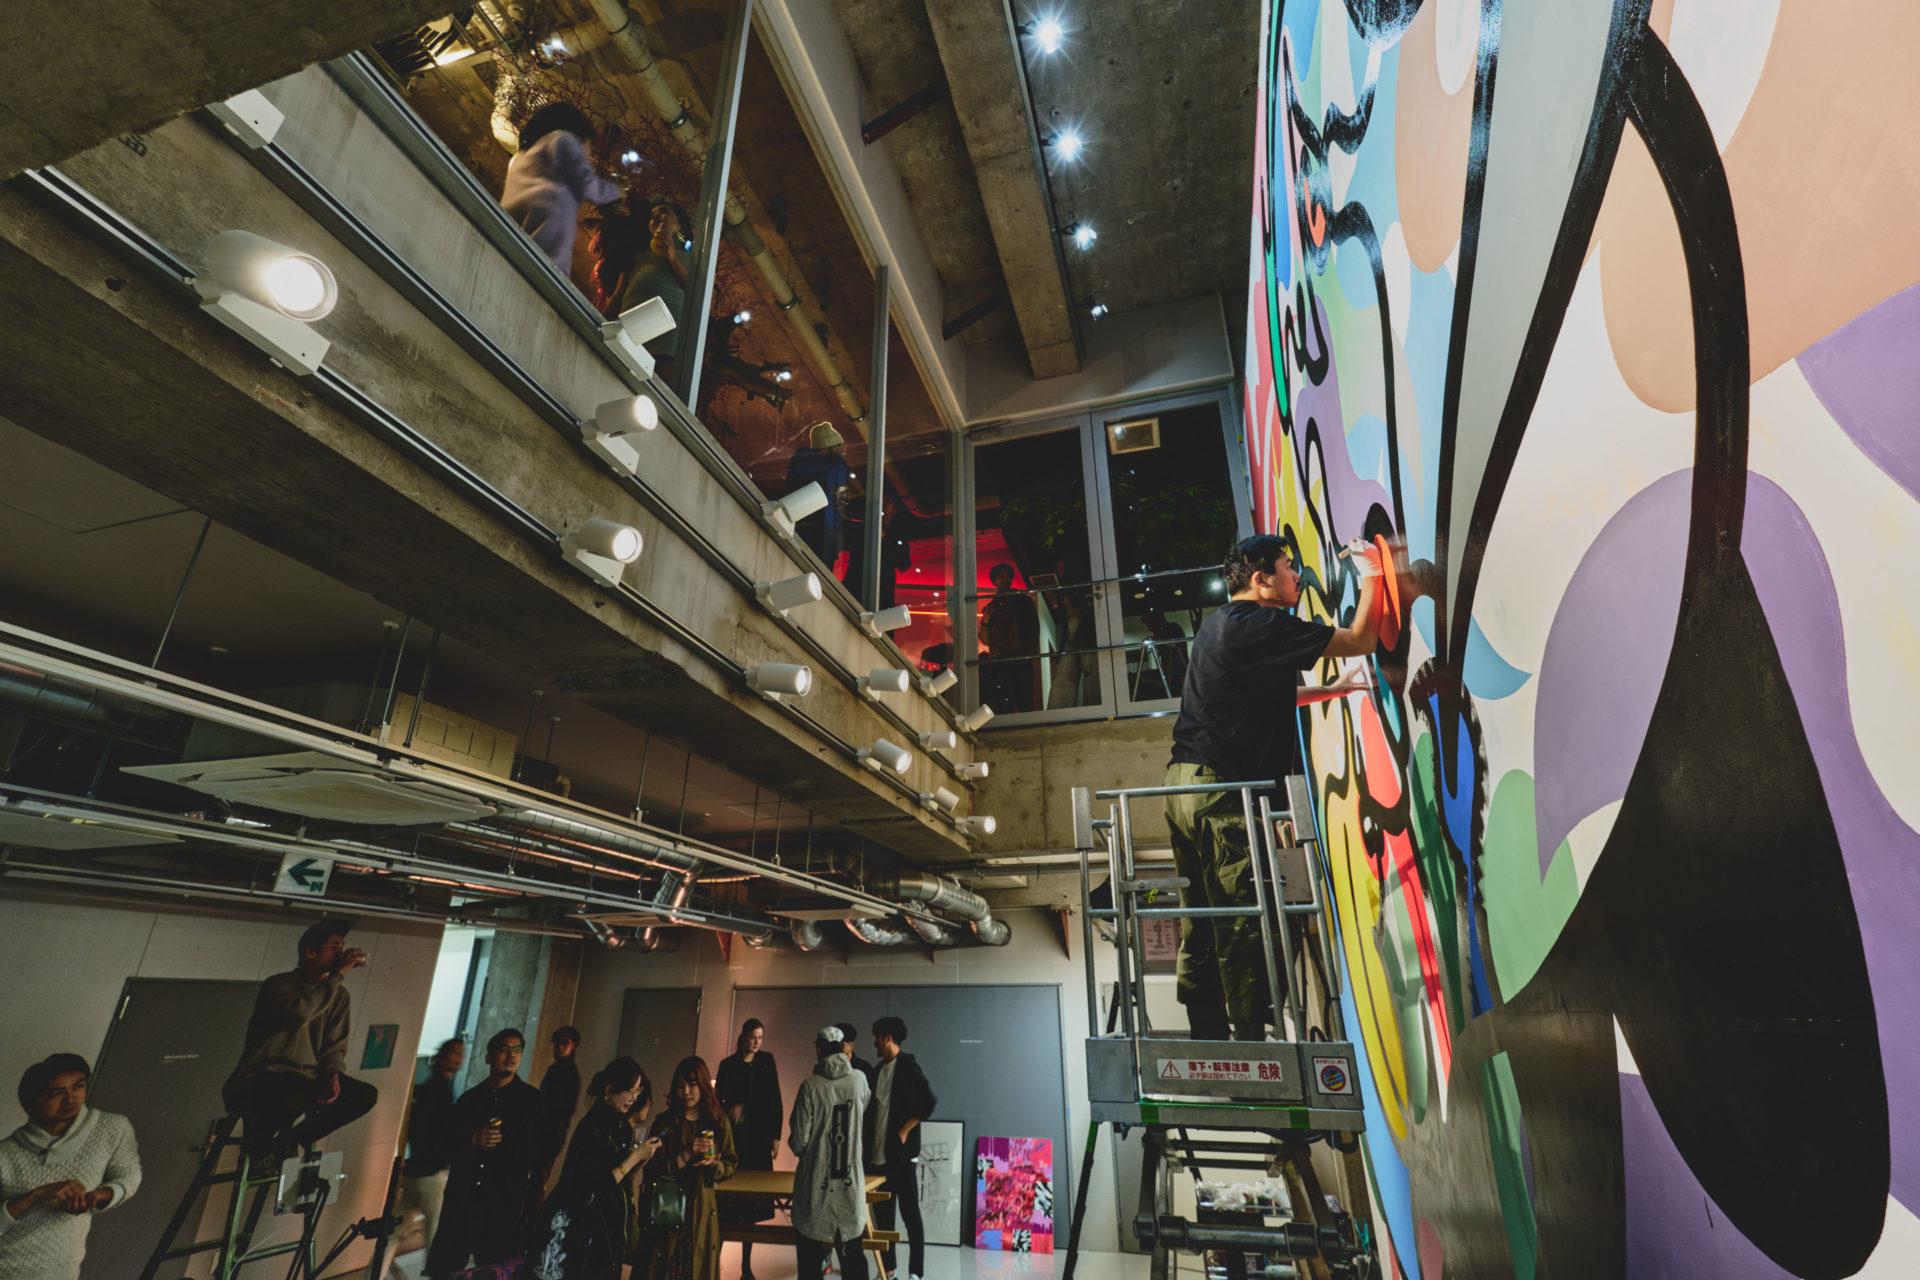 Hotel ou galeria de arte - Hall do hotel Bnb Wall. localizado em Tóquio, Japão